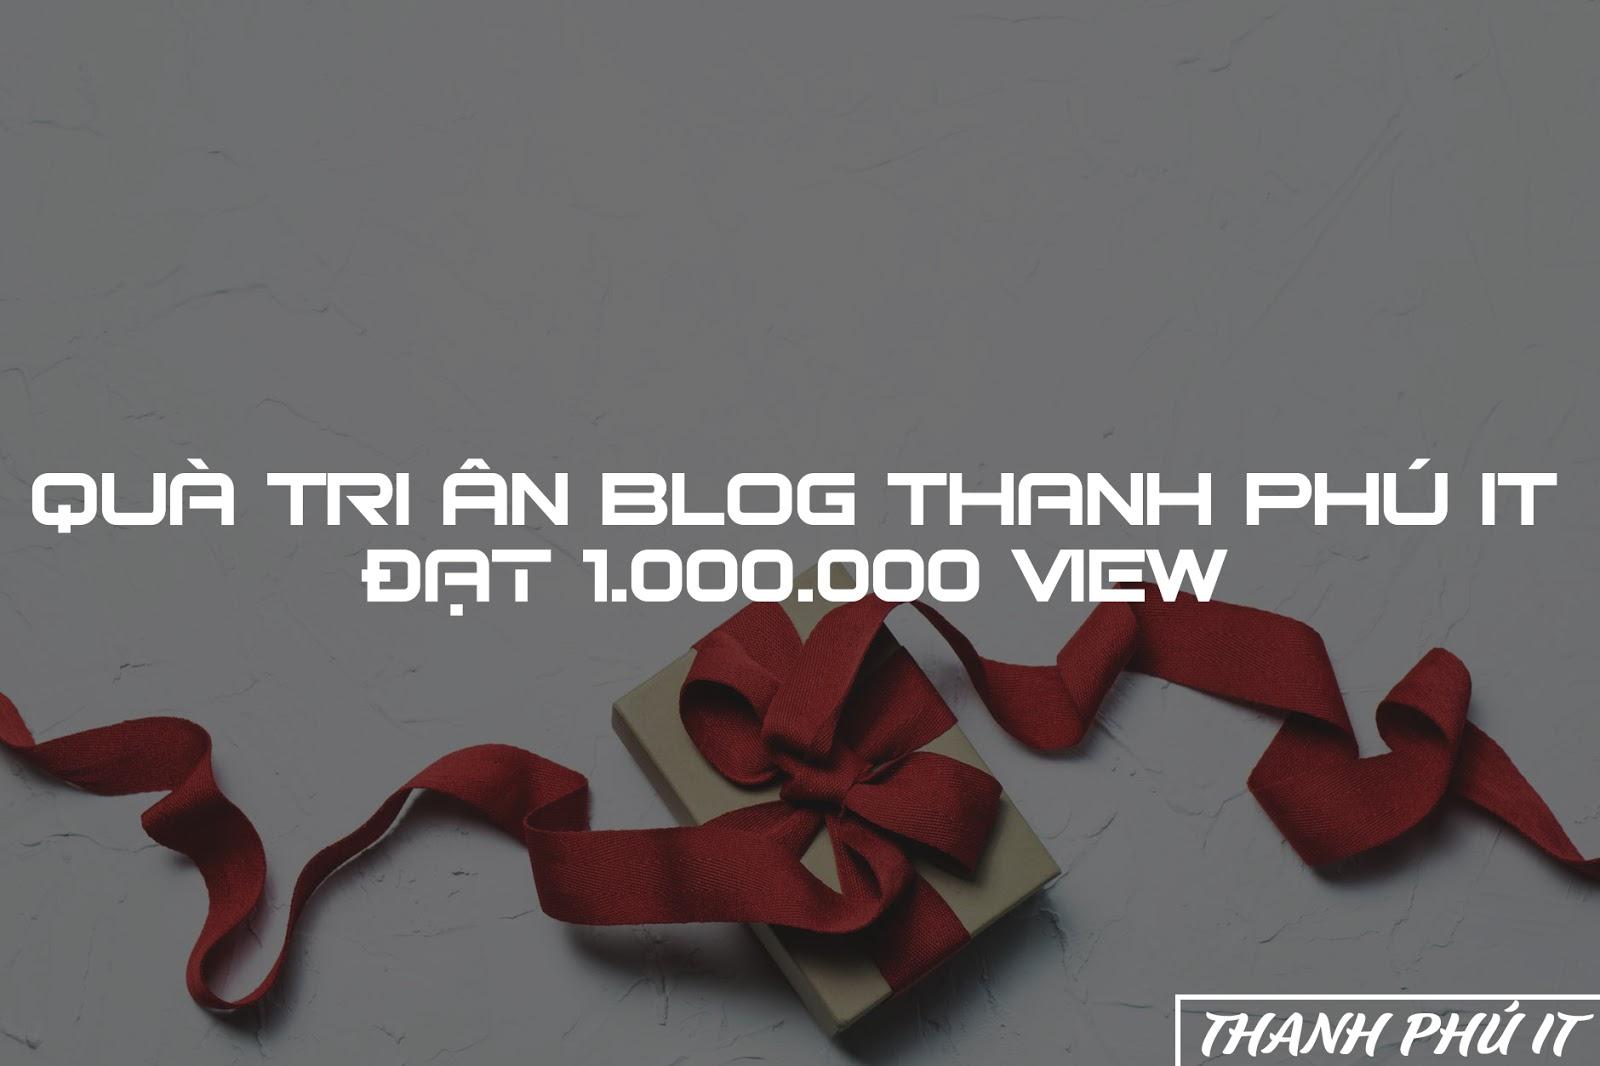 Quà Tri Ân Blog Thanh Phú IT Đạt 1.000.000 View